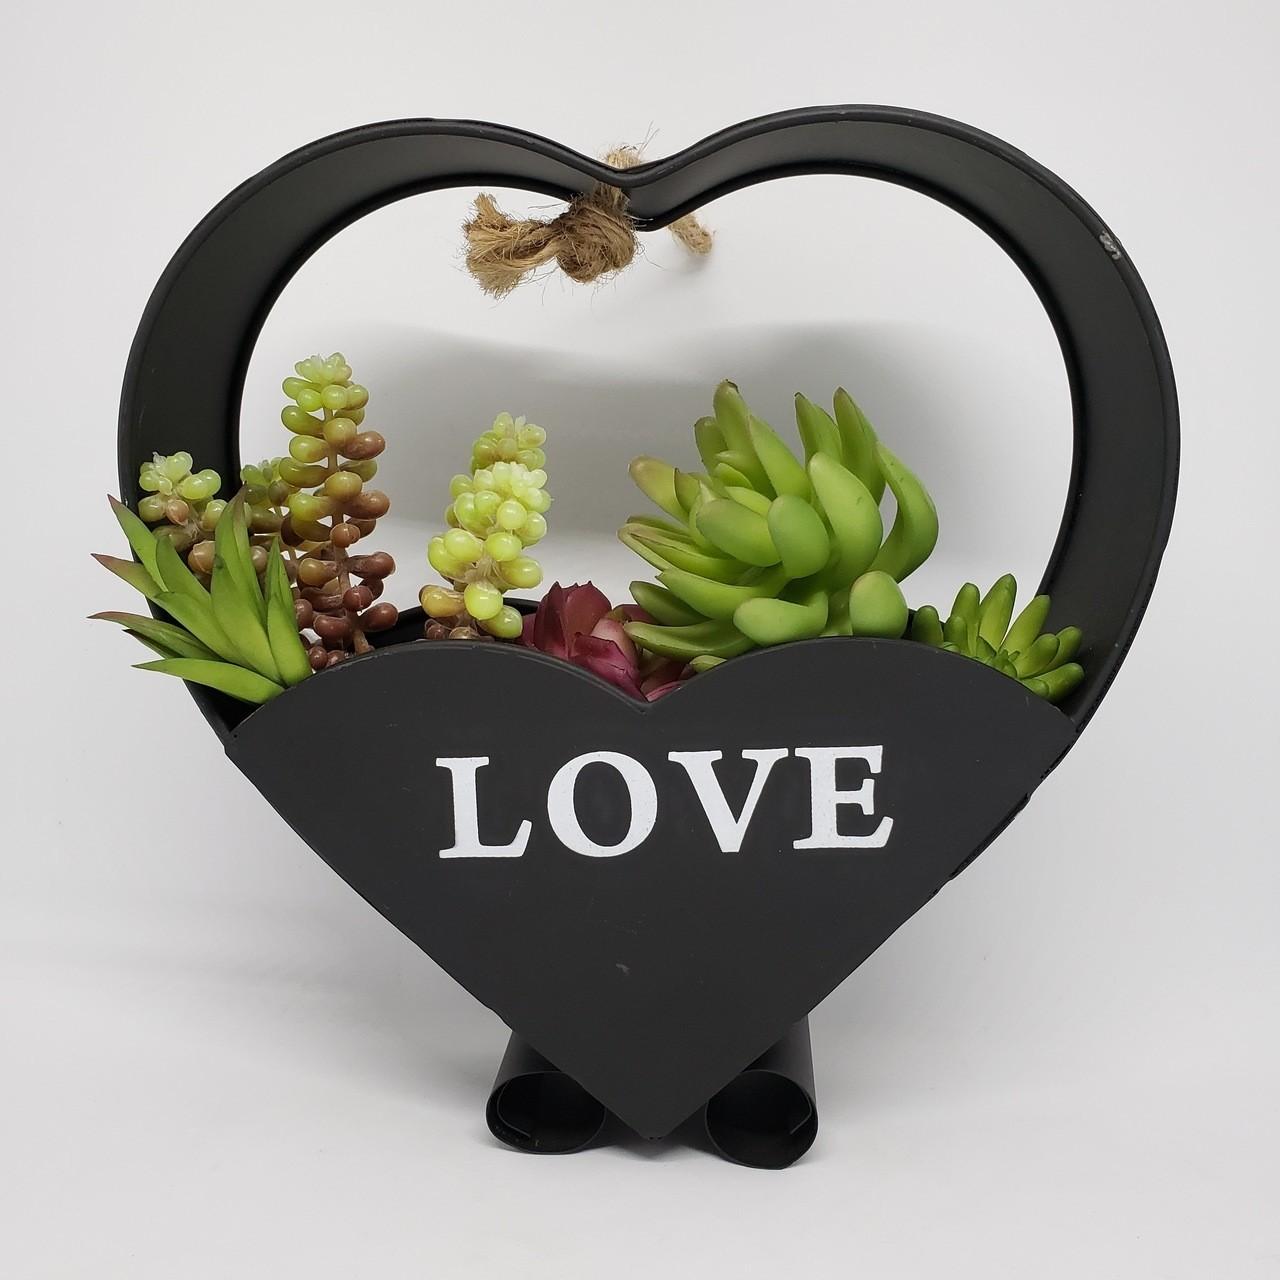 Suporte flores coração preto